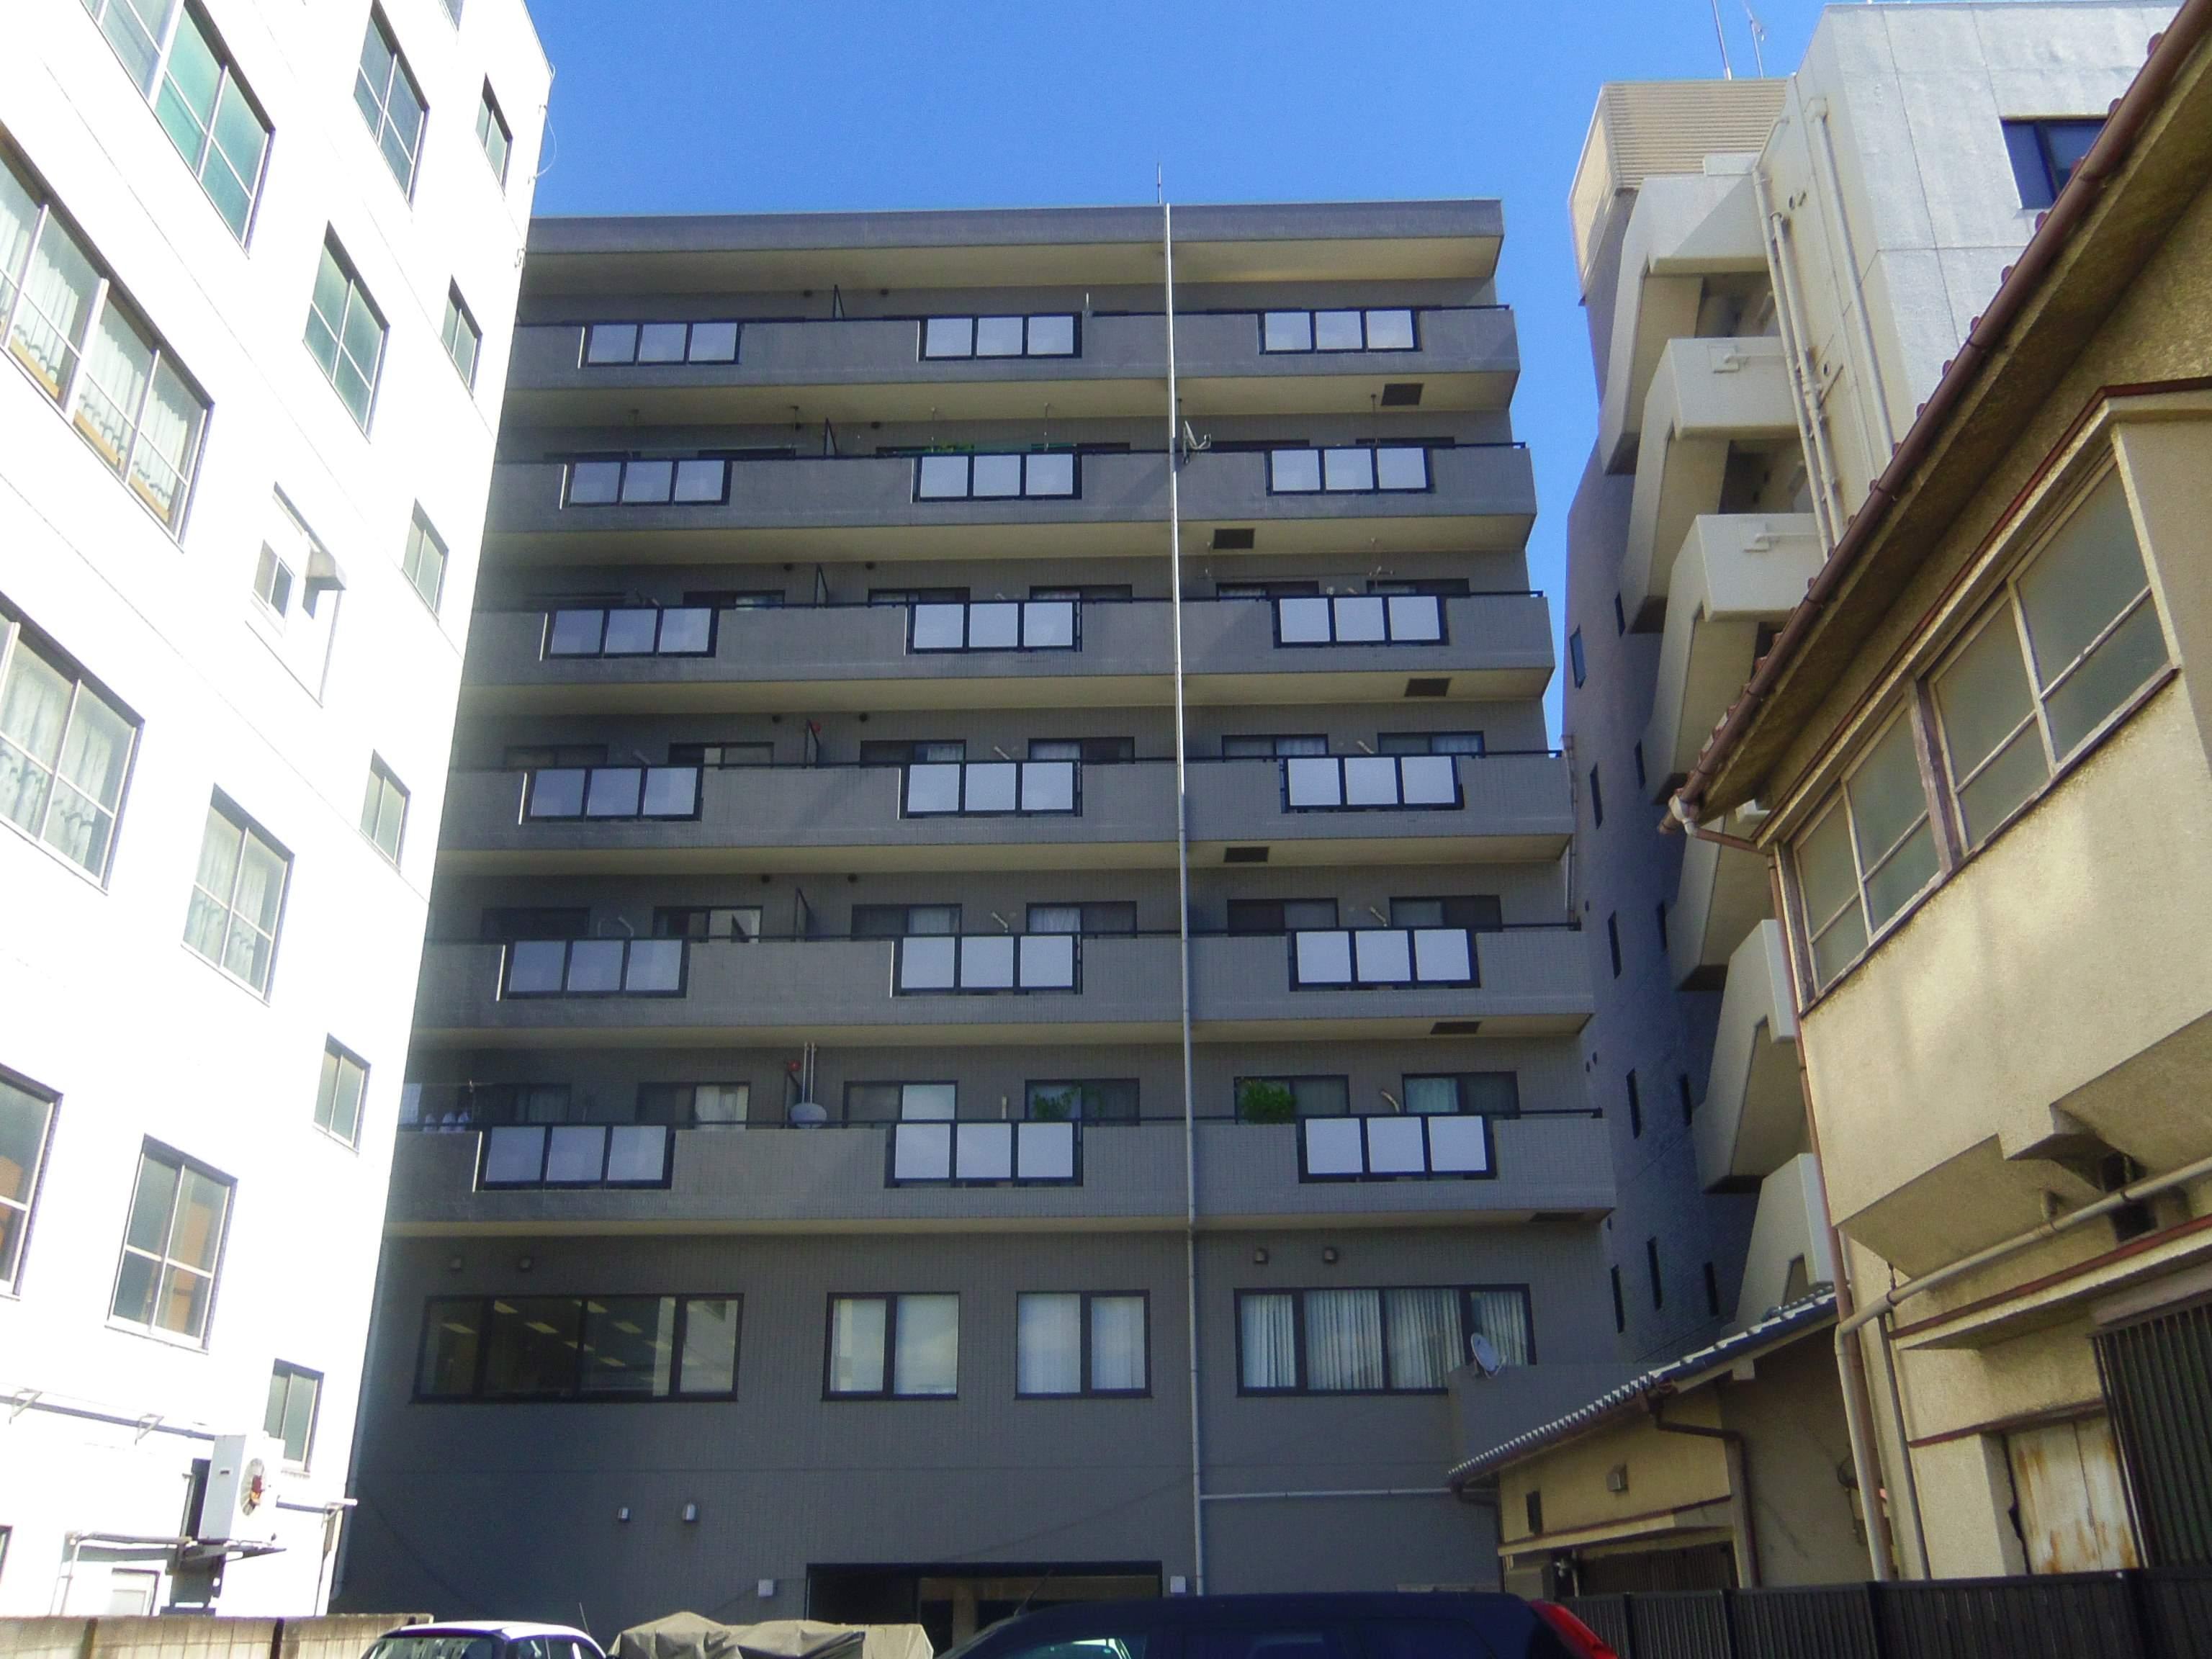 千葉県千葉市中央区、千葉駅徒歩9分の築20年 8階建の賃貸マンション